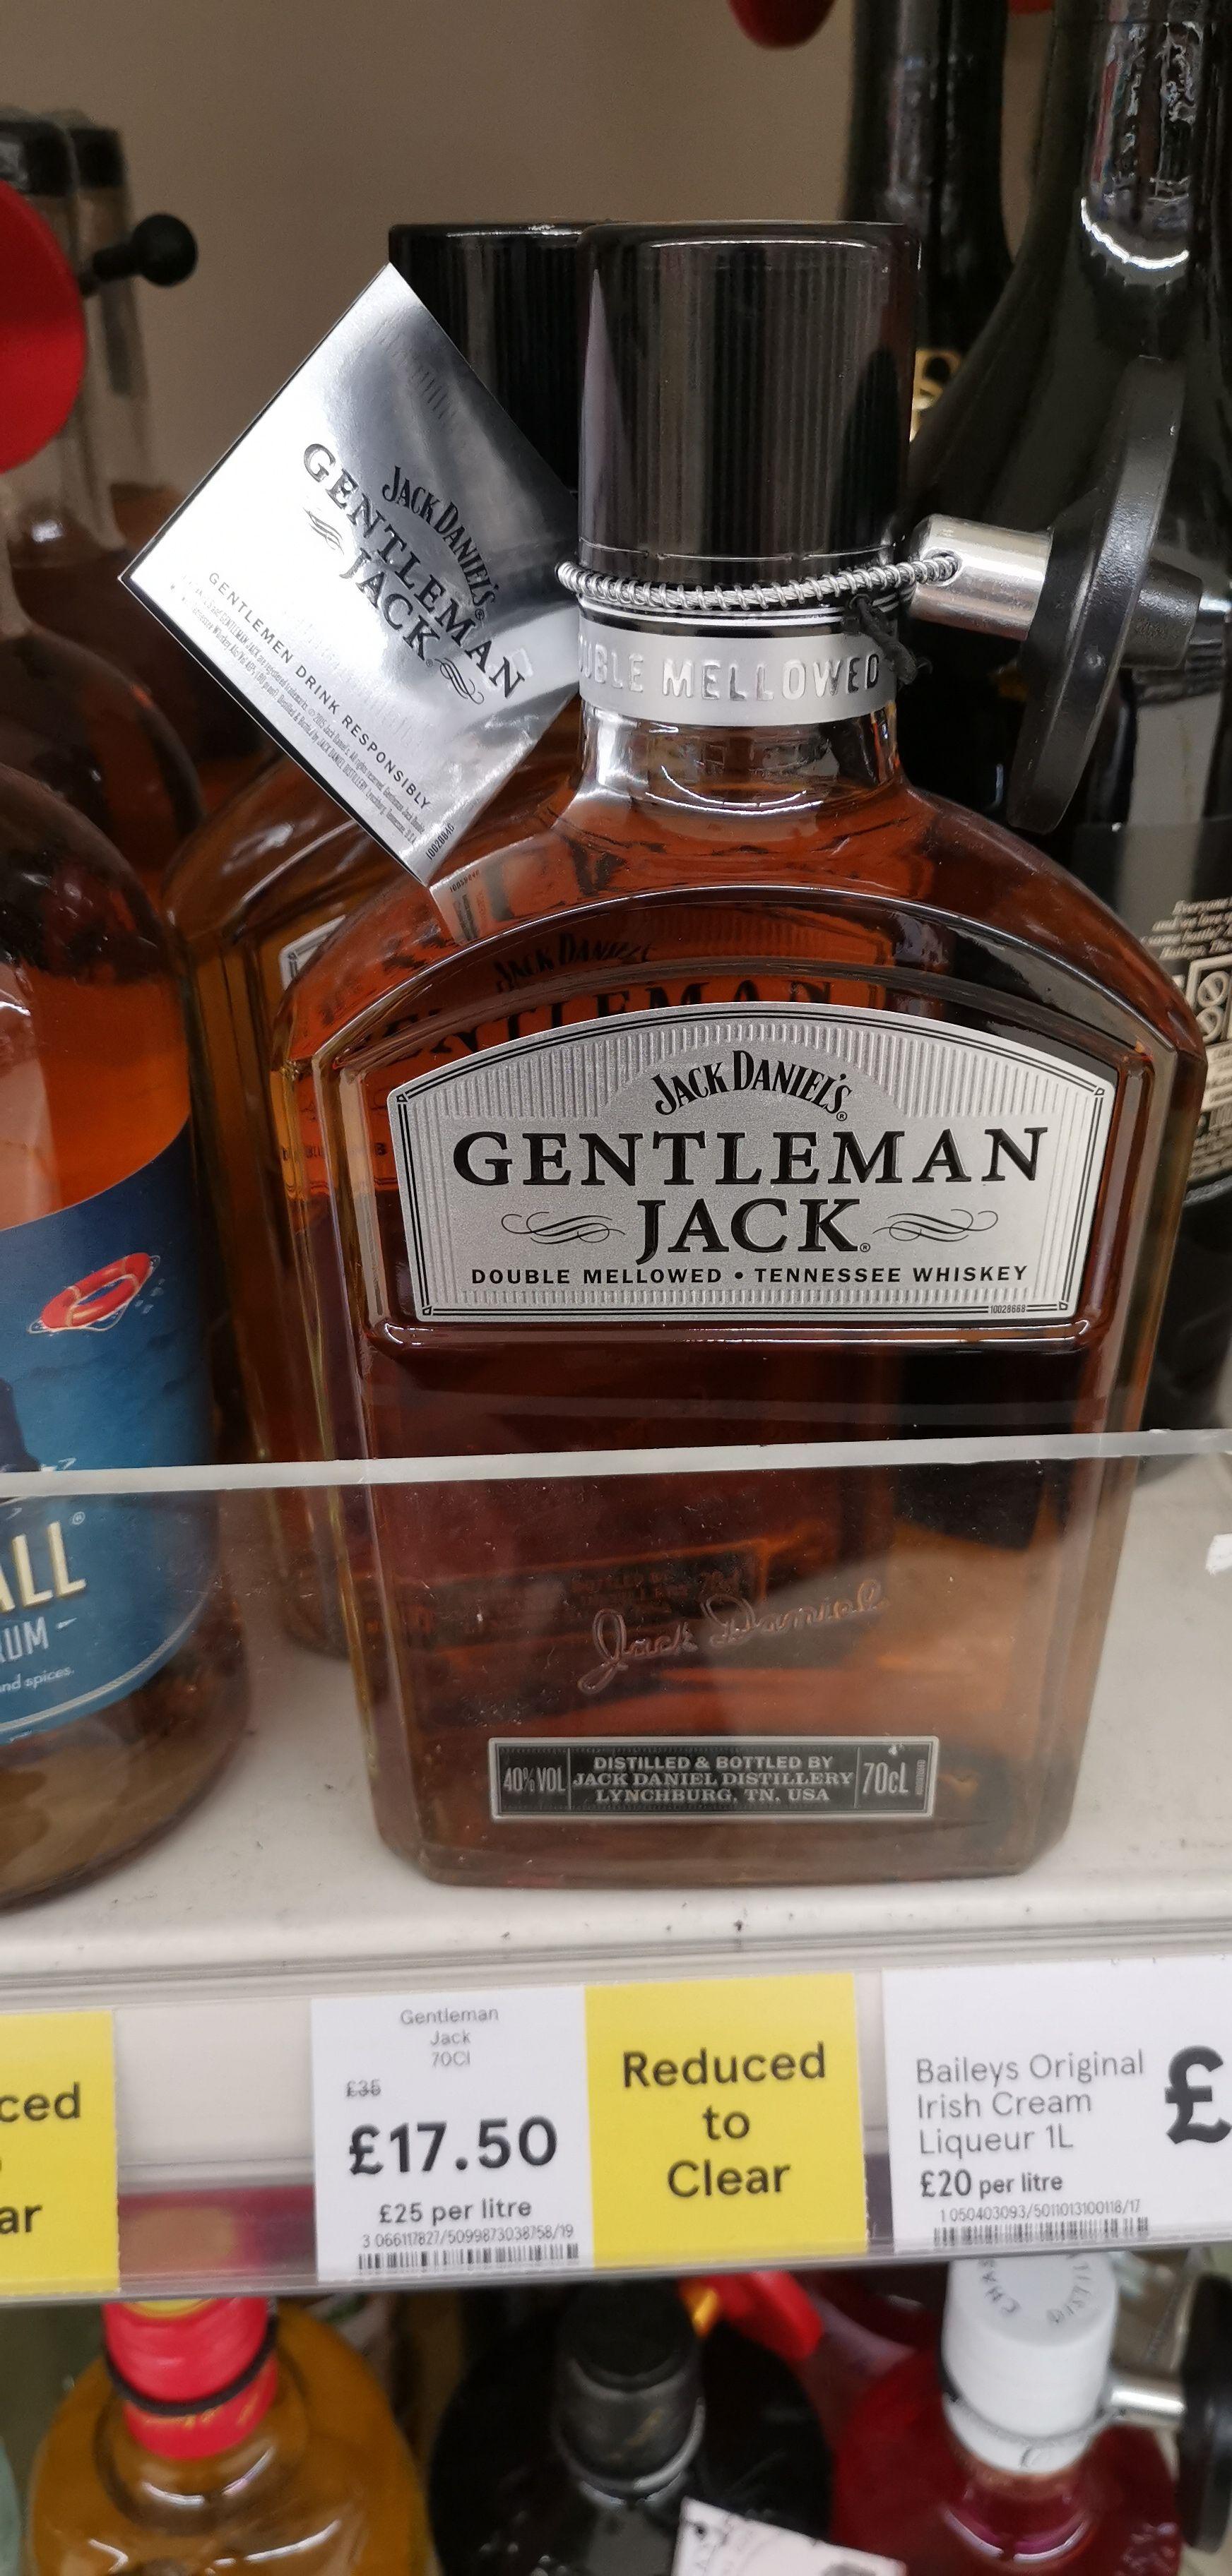 Jack Daniels Gentlemen Jack £17.50. @ Tesco Exeter